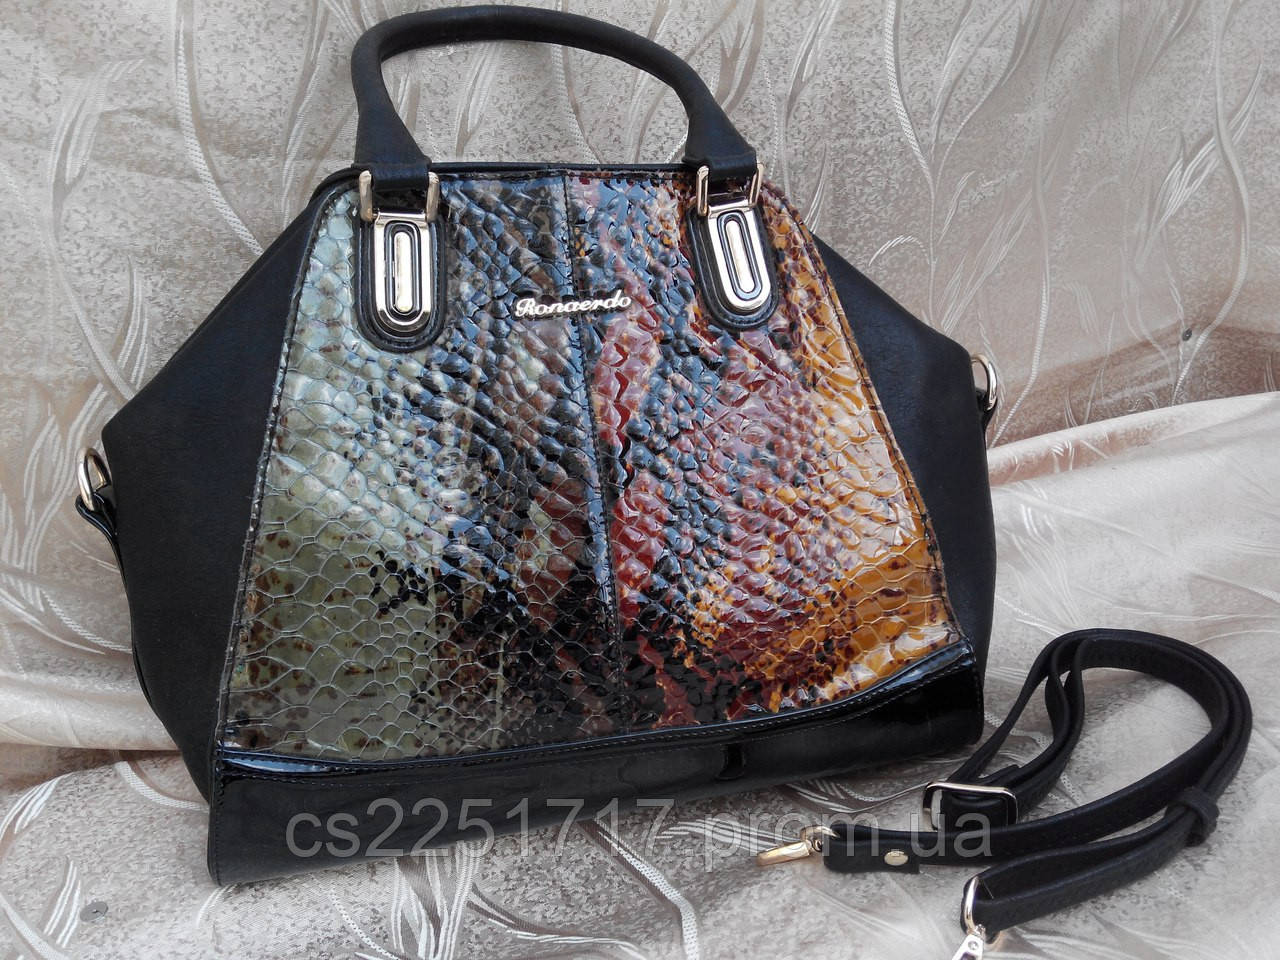 d2d2972b3b55 женская сумка Ronaerdo натуральная кожа цена 499 грн купить в